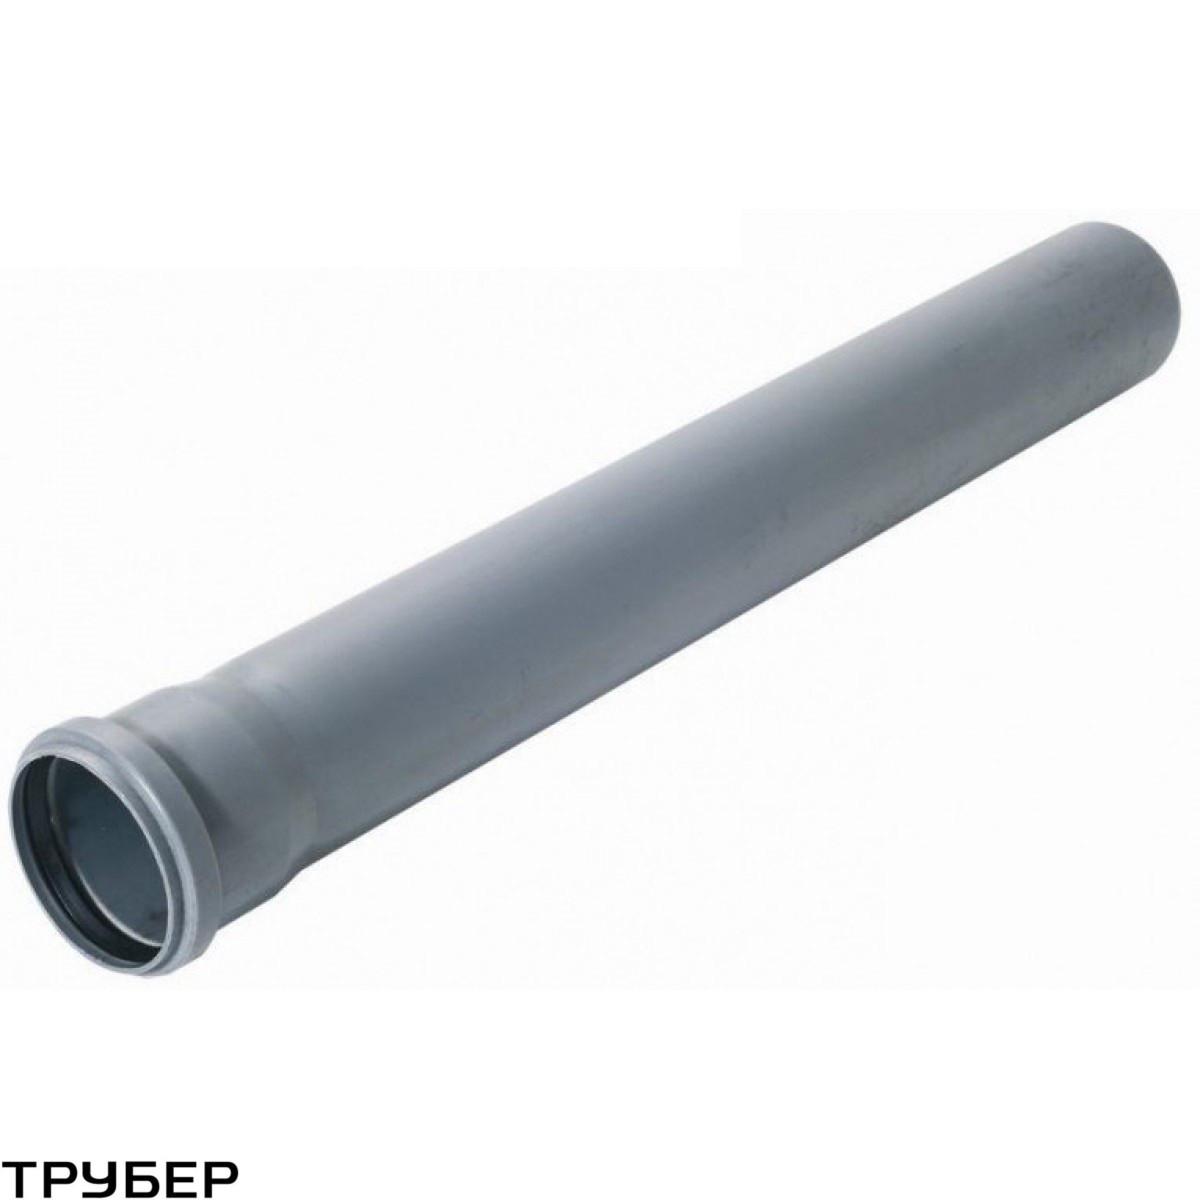 Труба ПП 50*500 3-х шаровая для внутренней канализации Инсталпласт